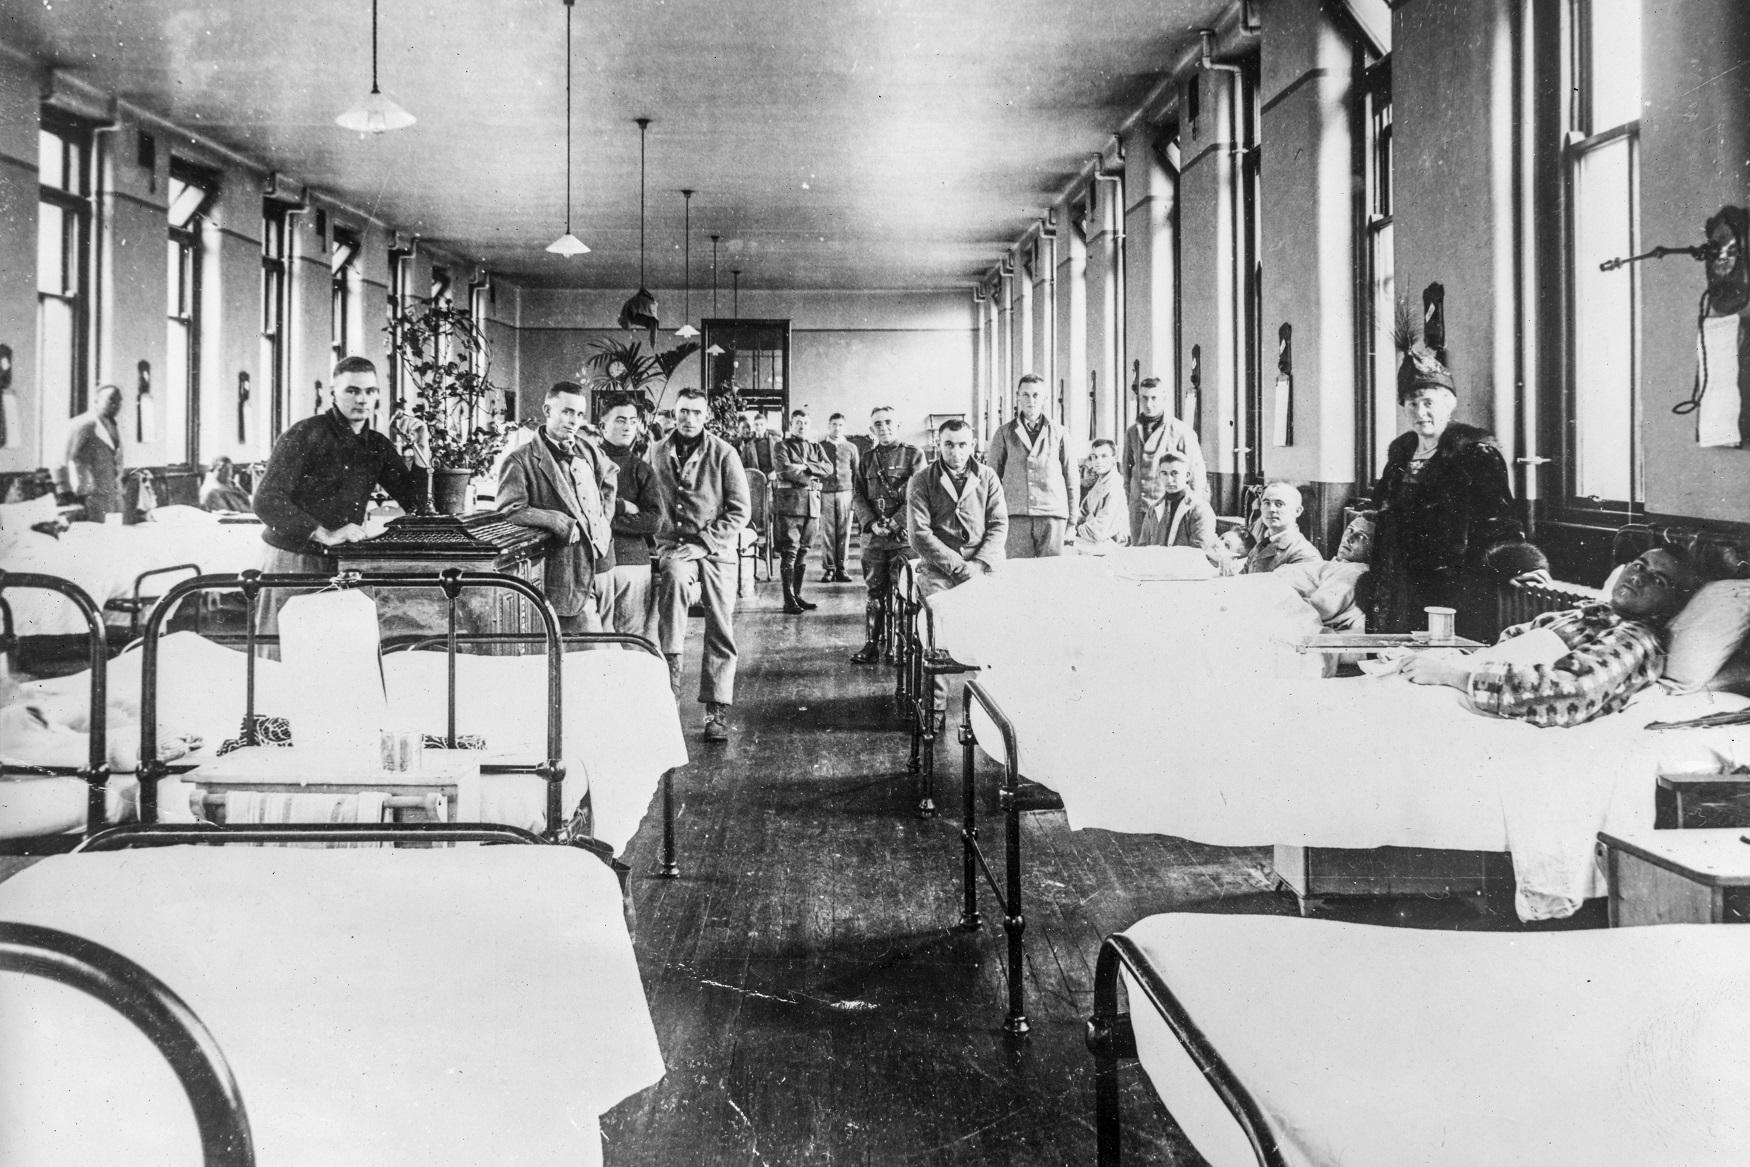 Pacientes de gripe espanhola em Glasgow, na Escócia